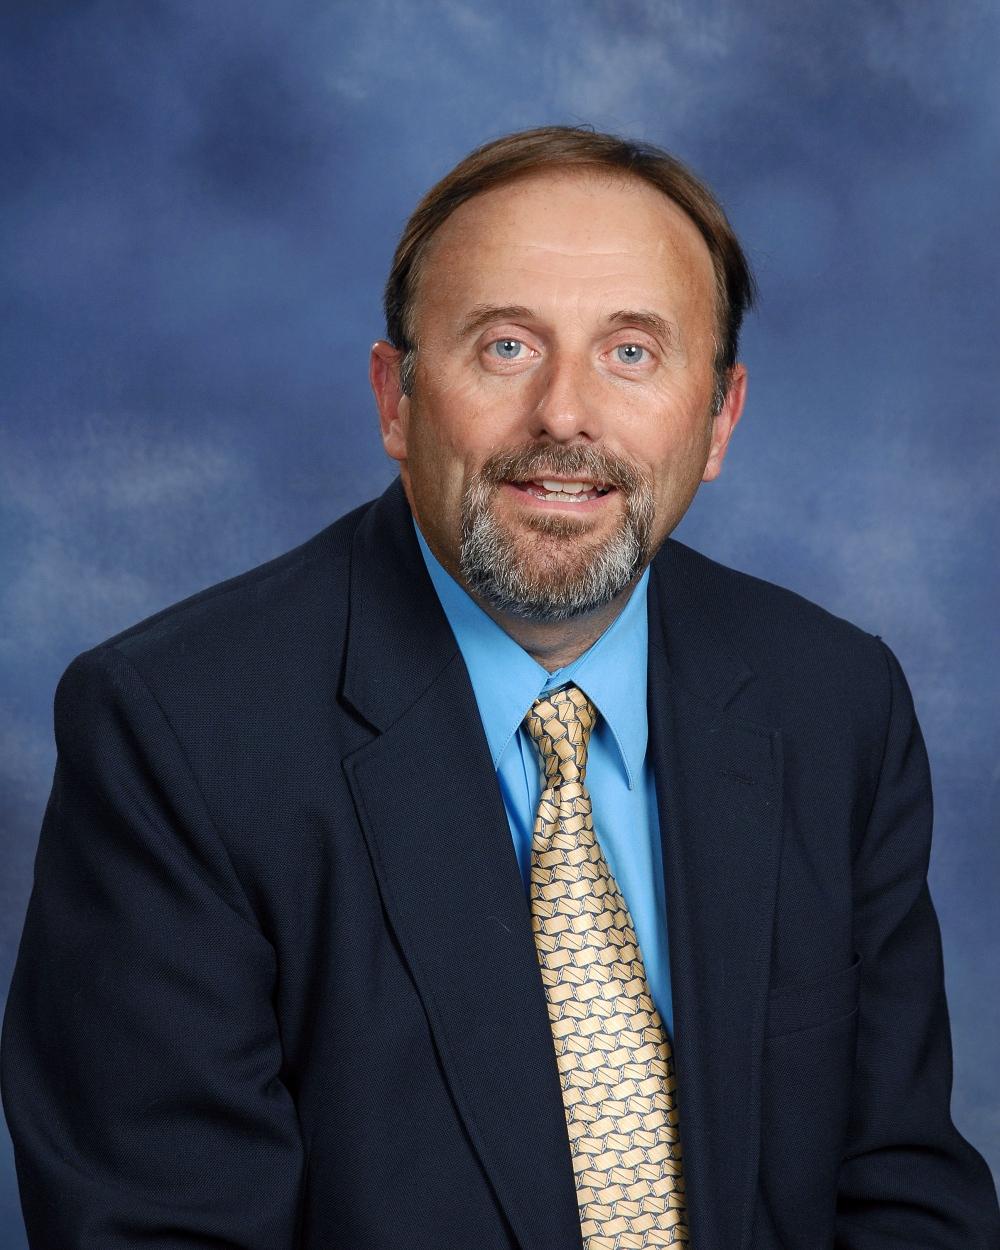 Jay Fulford